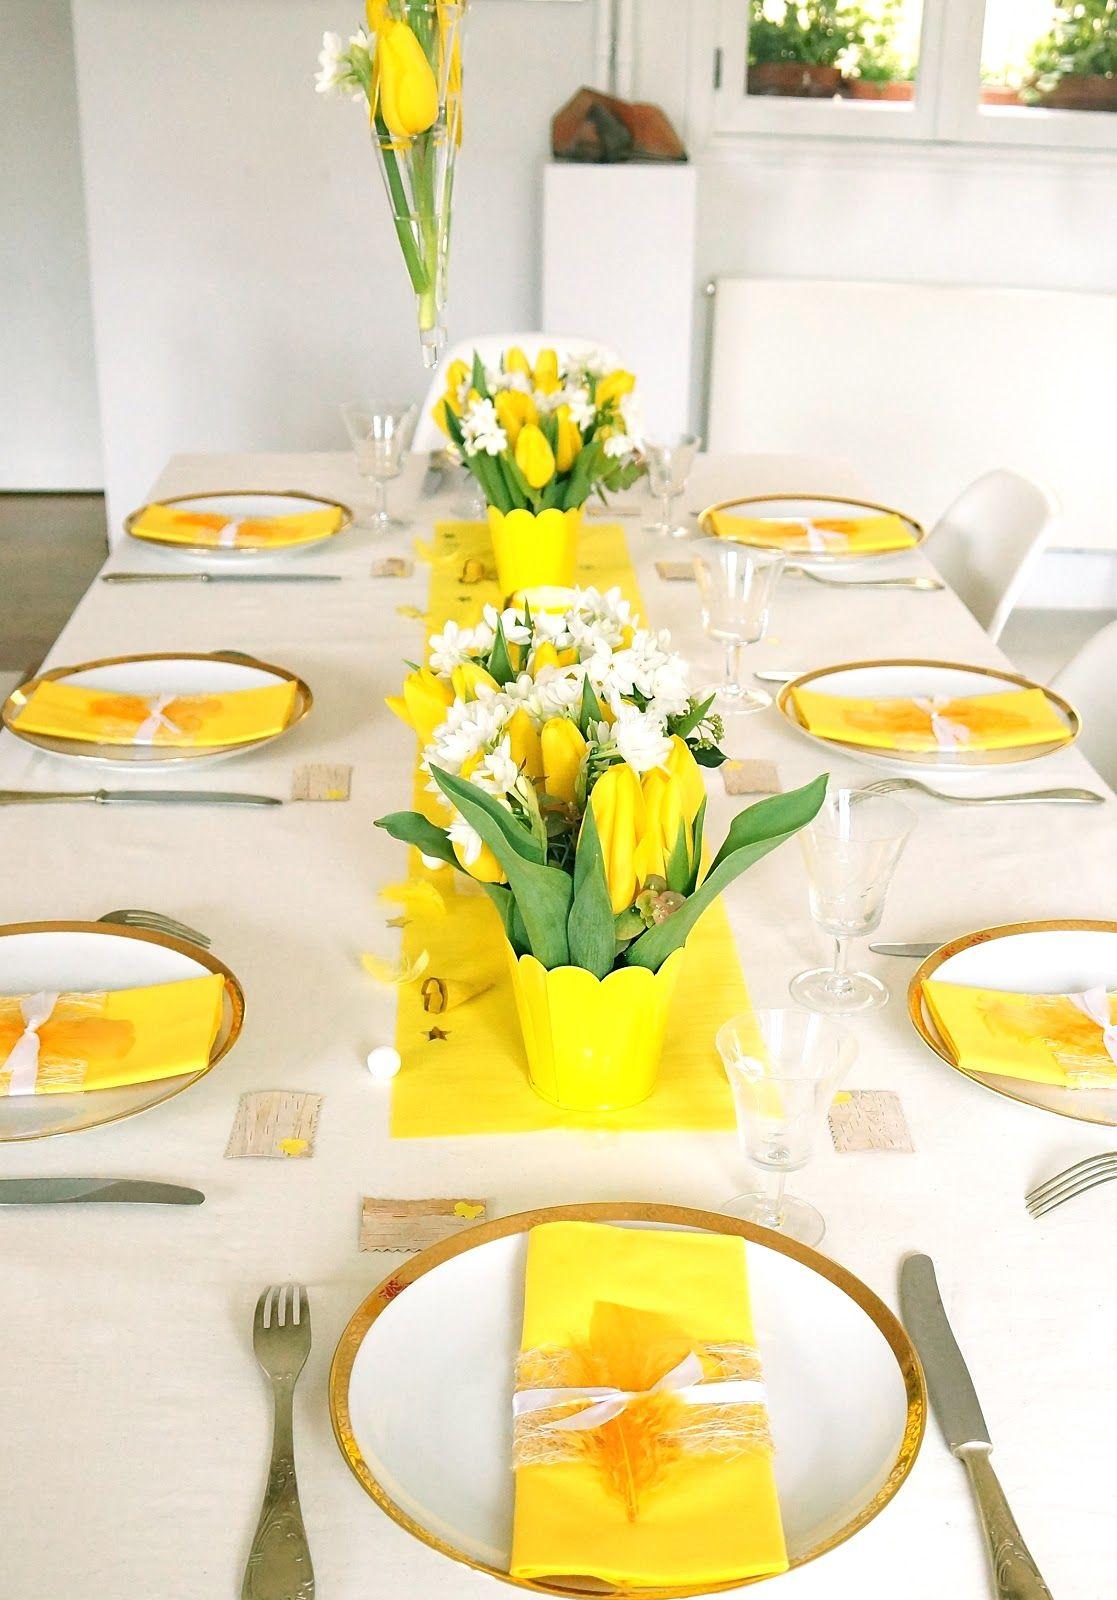 decoration de table jaune et vert